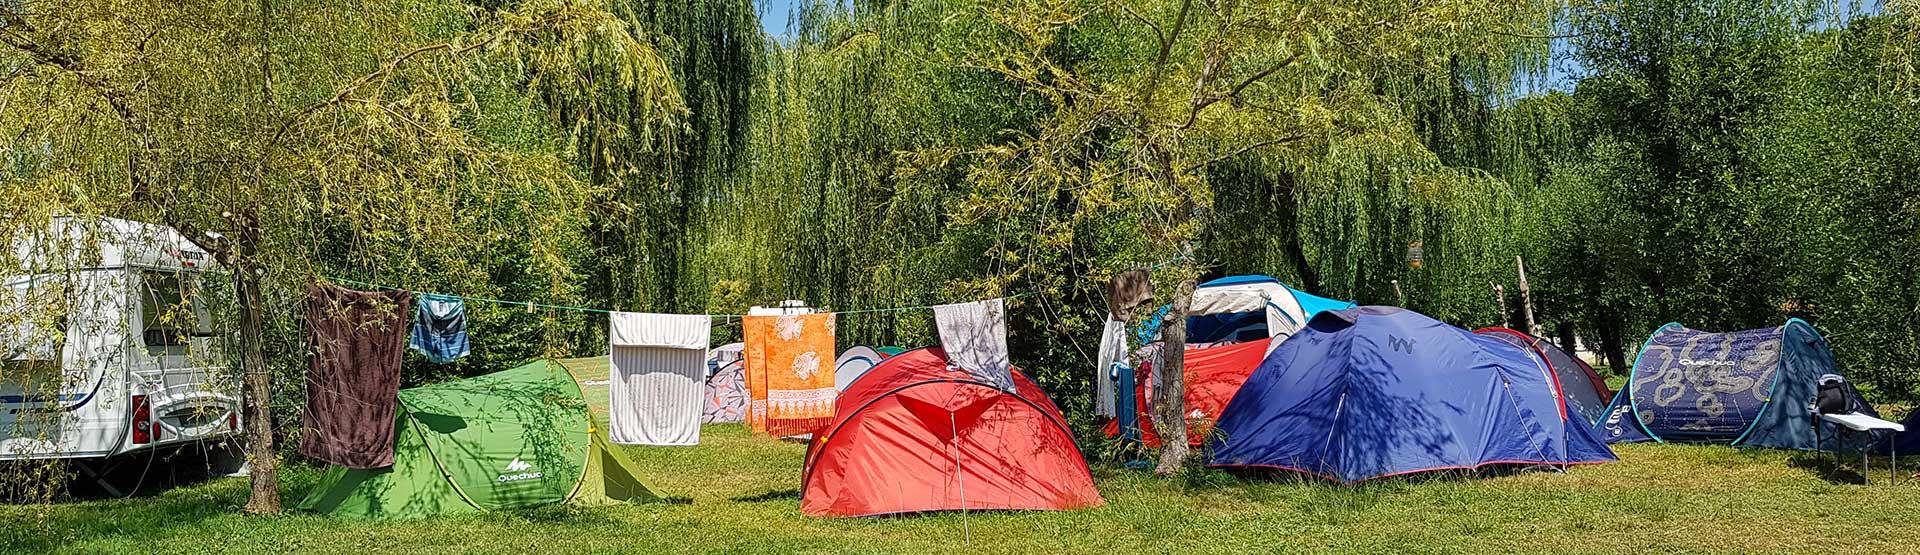 Camping La Dordogne Verte : Camping Toile De Tente